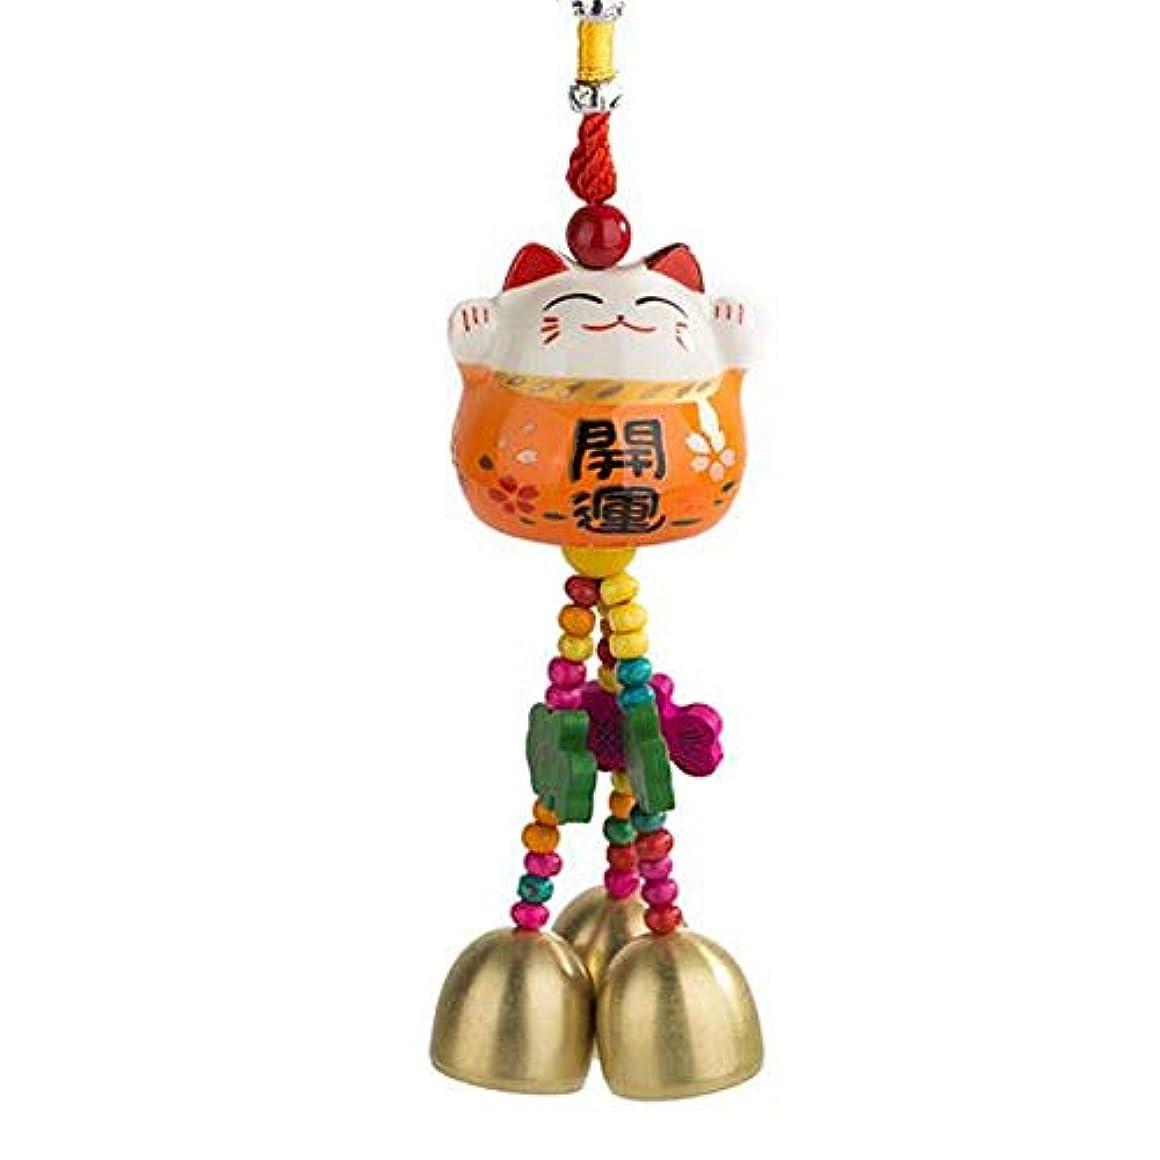 賞選ぶ快いQiyuezhuangshi 風チャイム、かわいいクリエイティブセラミック猫風の鐘、グリーン、長い28センチメートル,美しいホリデーギフト (Color : Orange)